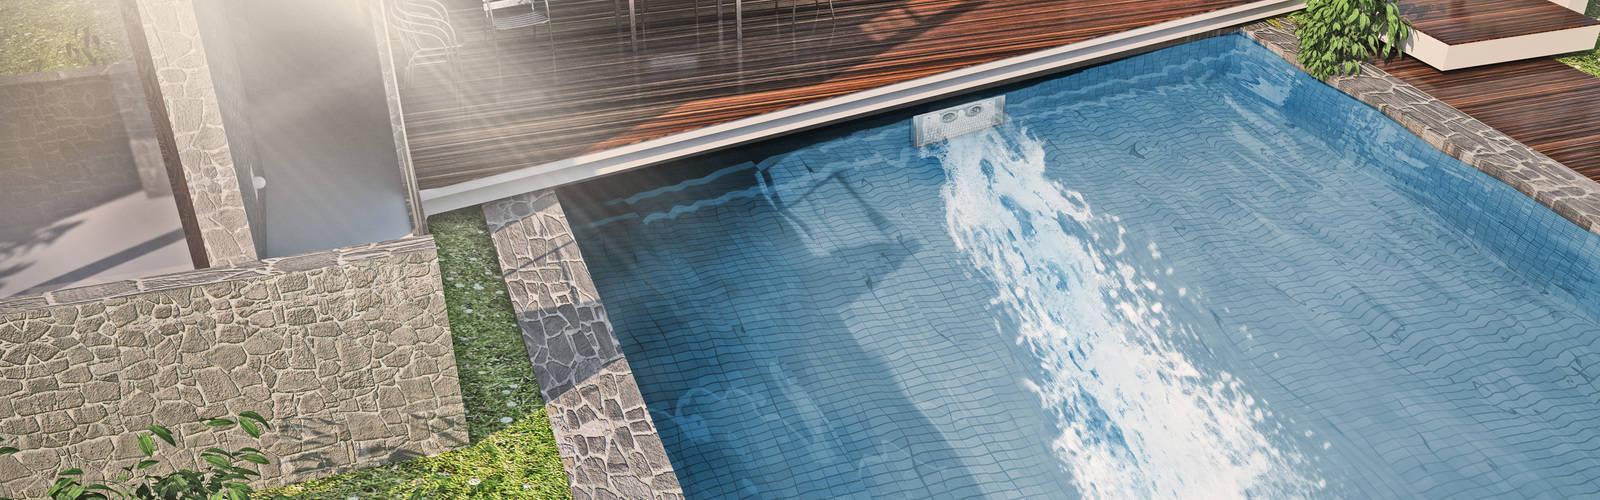 S&K GmbH Jacuzzi Whirlpool - Gegenstromanlage